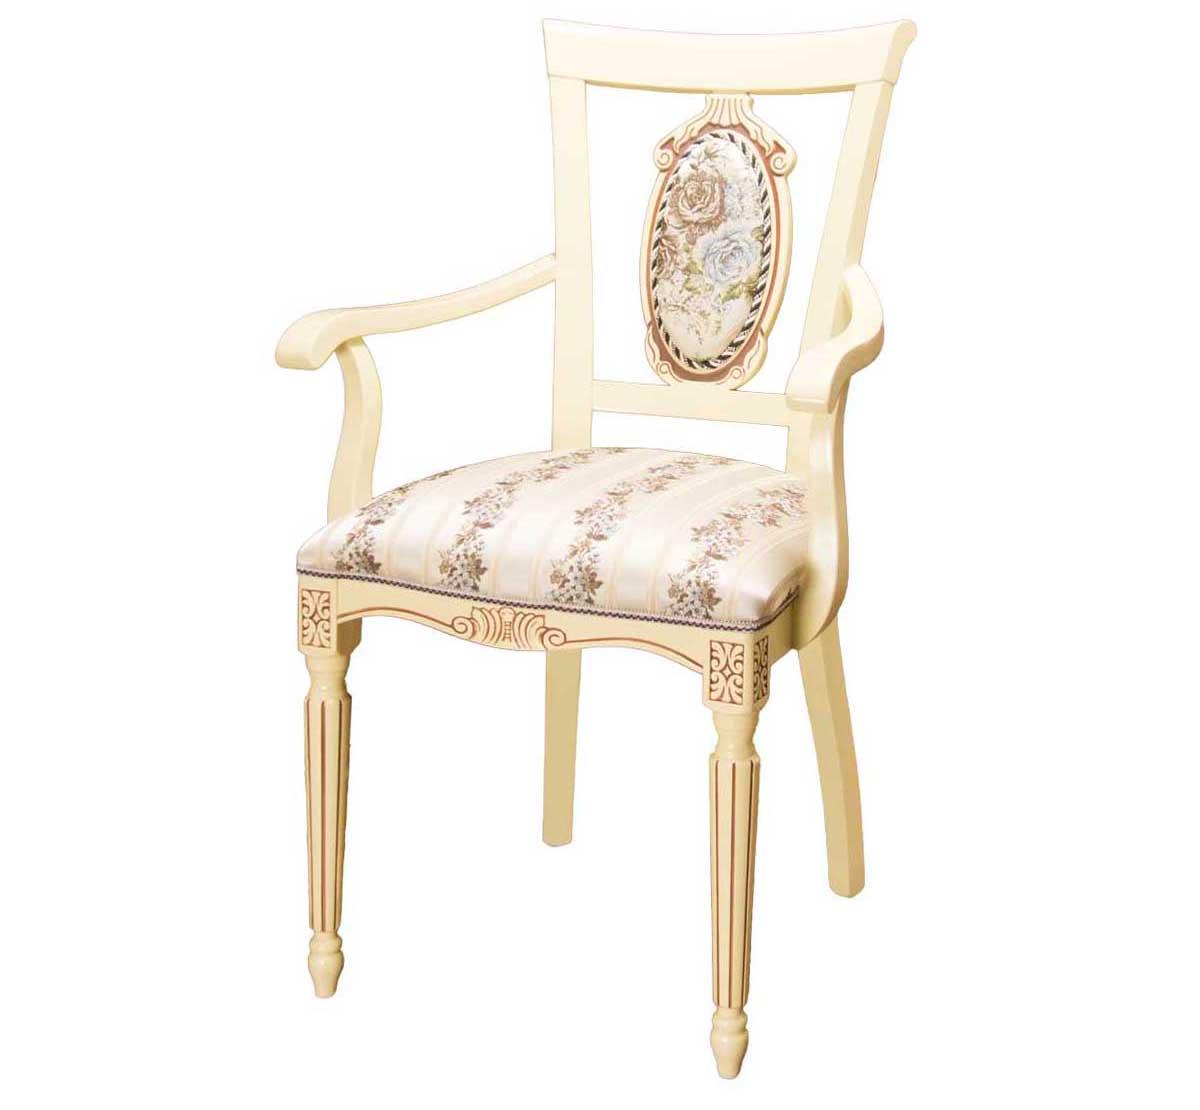 Кресло с подлокотниками С-11 из дерева (арт. М3350)